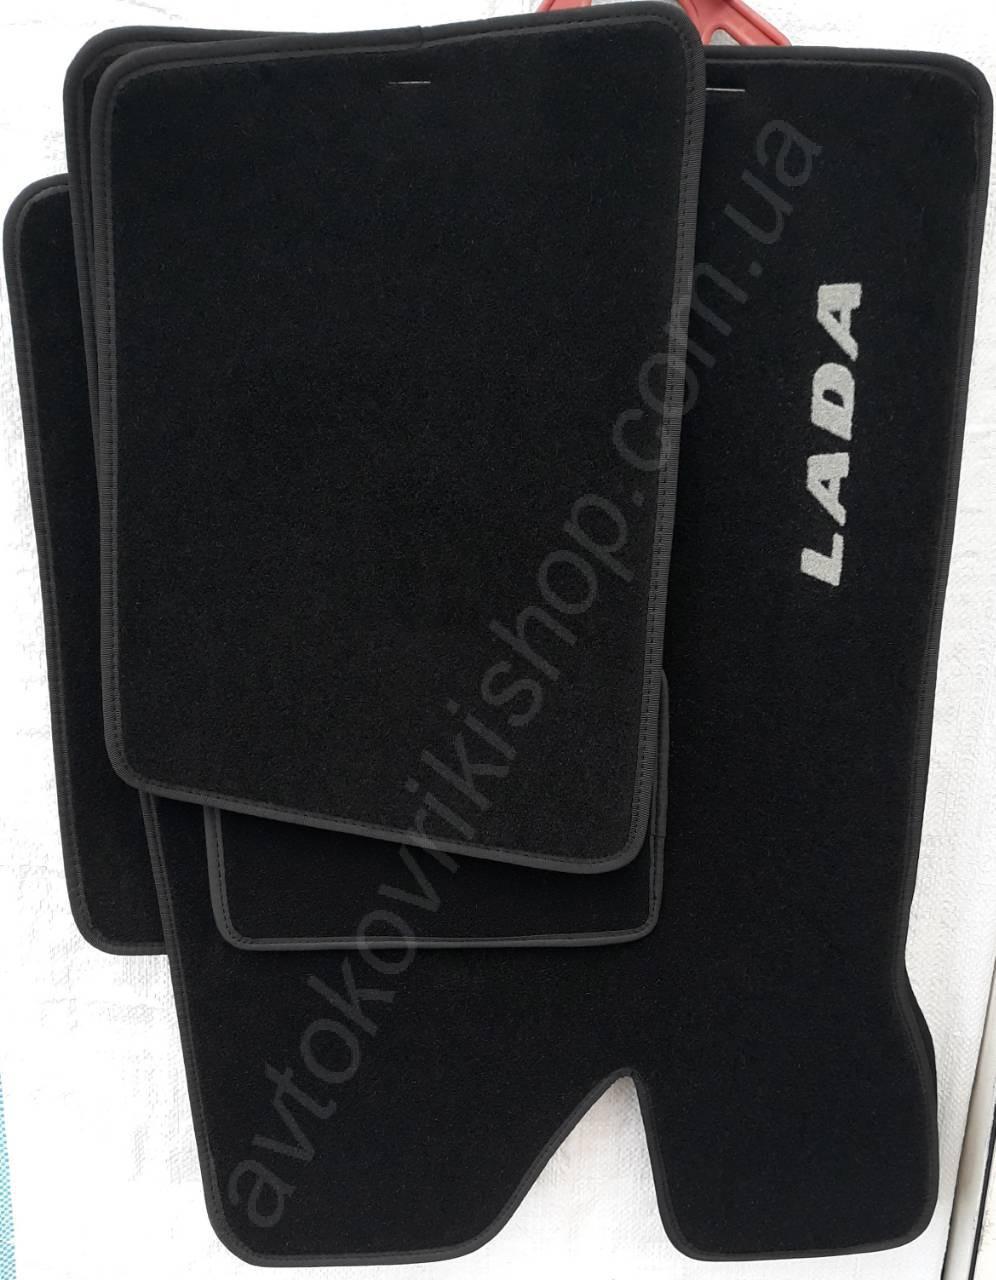 Ворсові килимки ВАЗ 2108 1984-1993 CIAC GRAN